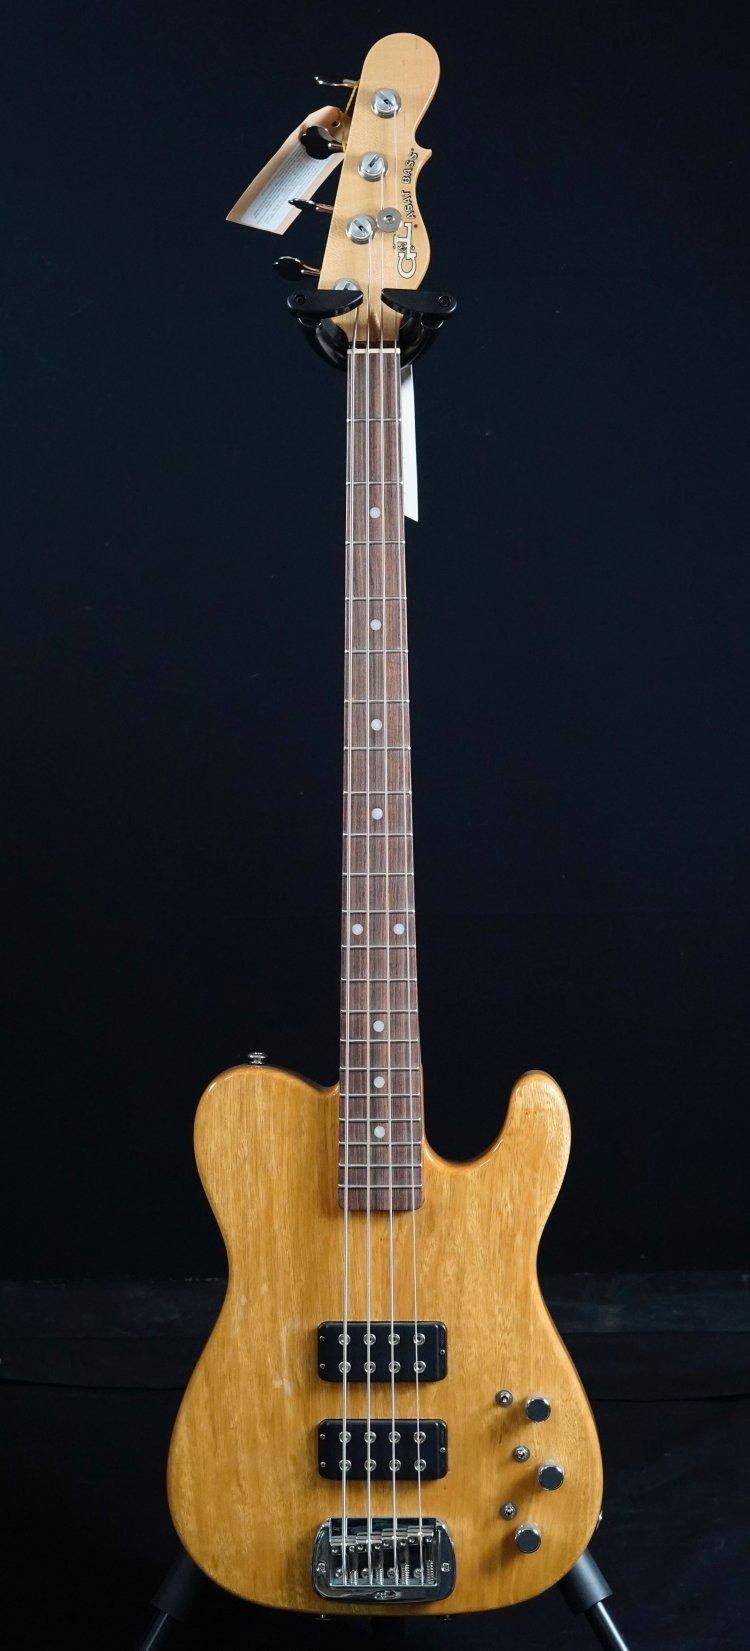 G&L Korina Asat Bass USA Limited